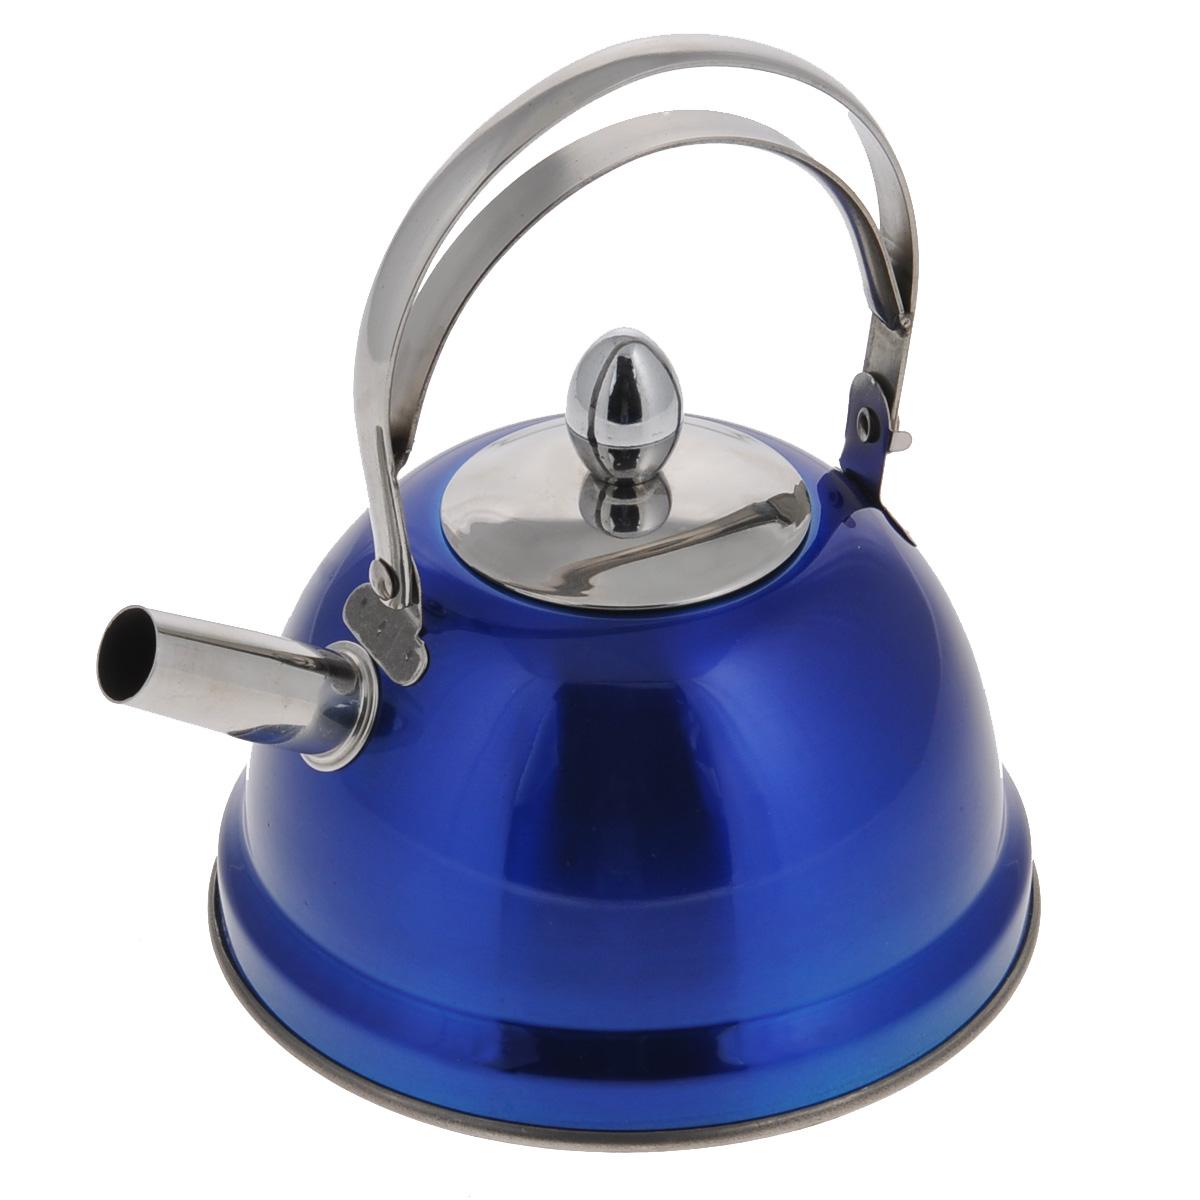 Чайник заварочный Bekker De Luxe, с ситечком, цвет: синий, 0,8 л. BK-S430VT-1520(SR)Чайник Bekker De Luxe выполнен из высококачественной нержавеющей стали, что обеспечивает долговечность использования. Внешнее цветное зеркальное покрытие придает приятный внешний вид. Капсулированное дно распределяет тепло по всей поверхности, что позволяет чайнику быстро закипать. Эргономичная подвижная ручка выполнена из нержавеющей стали. Чайник снабжен ситечком для заваривания. Можно мыть в посудомоечной машине. Пригоден для всех видов плит, включая индукционные. Диаметр (по верхнему краю): 5 см.Высота чайника (без учета крышки и ручки): 8 см.Высота чайника (с учетом крышки): 17,5 см.Диаметр основания: 14 см. Толщина стенки: 0,5 мм.Высота ситечка: 5,5 см.